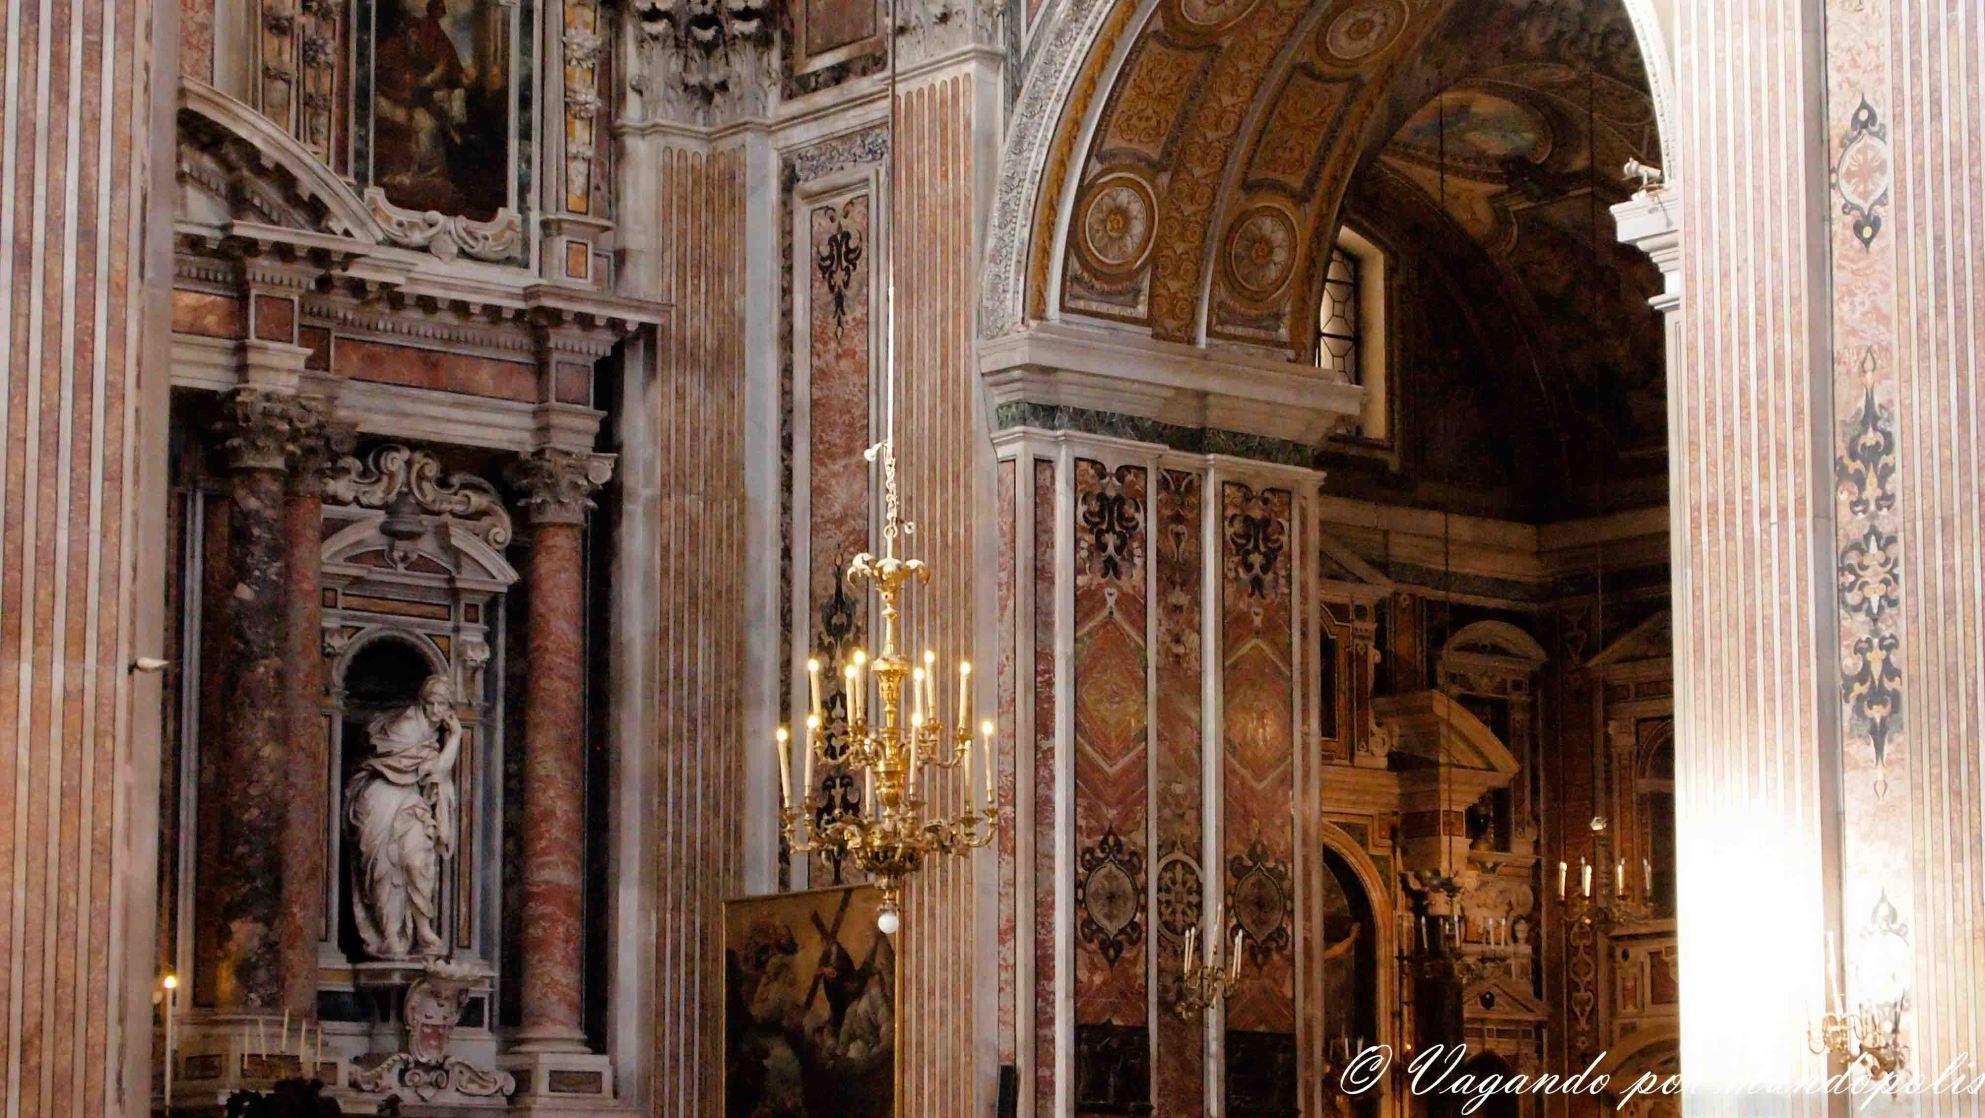 turismo-en-napoles-que-ver-iglesia-gesu-novo